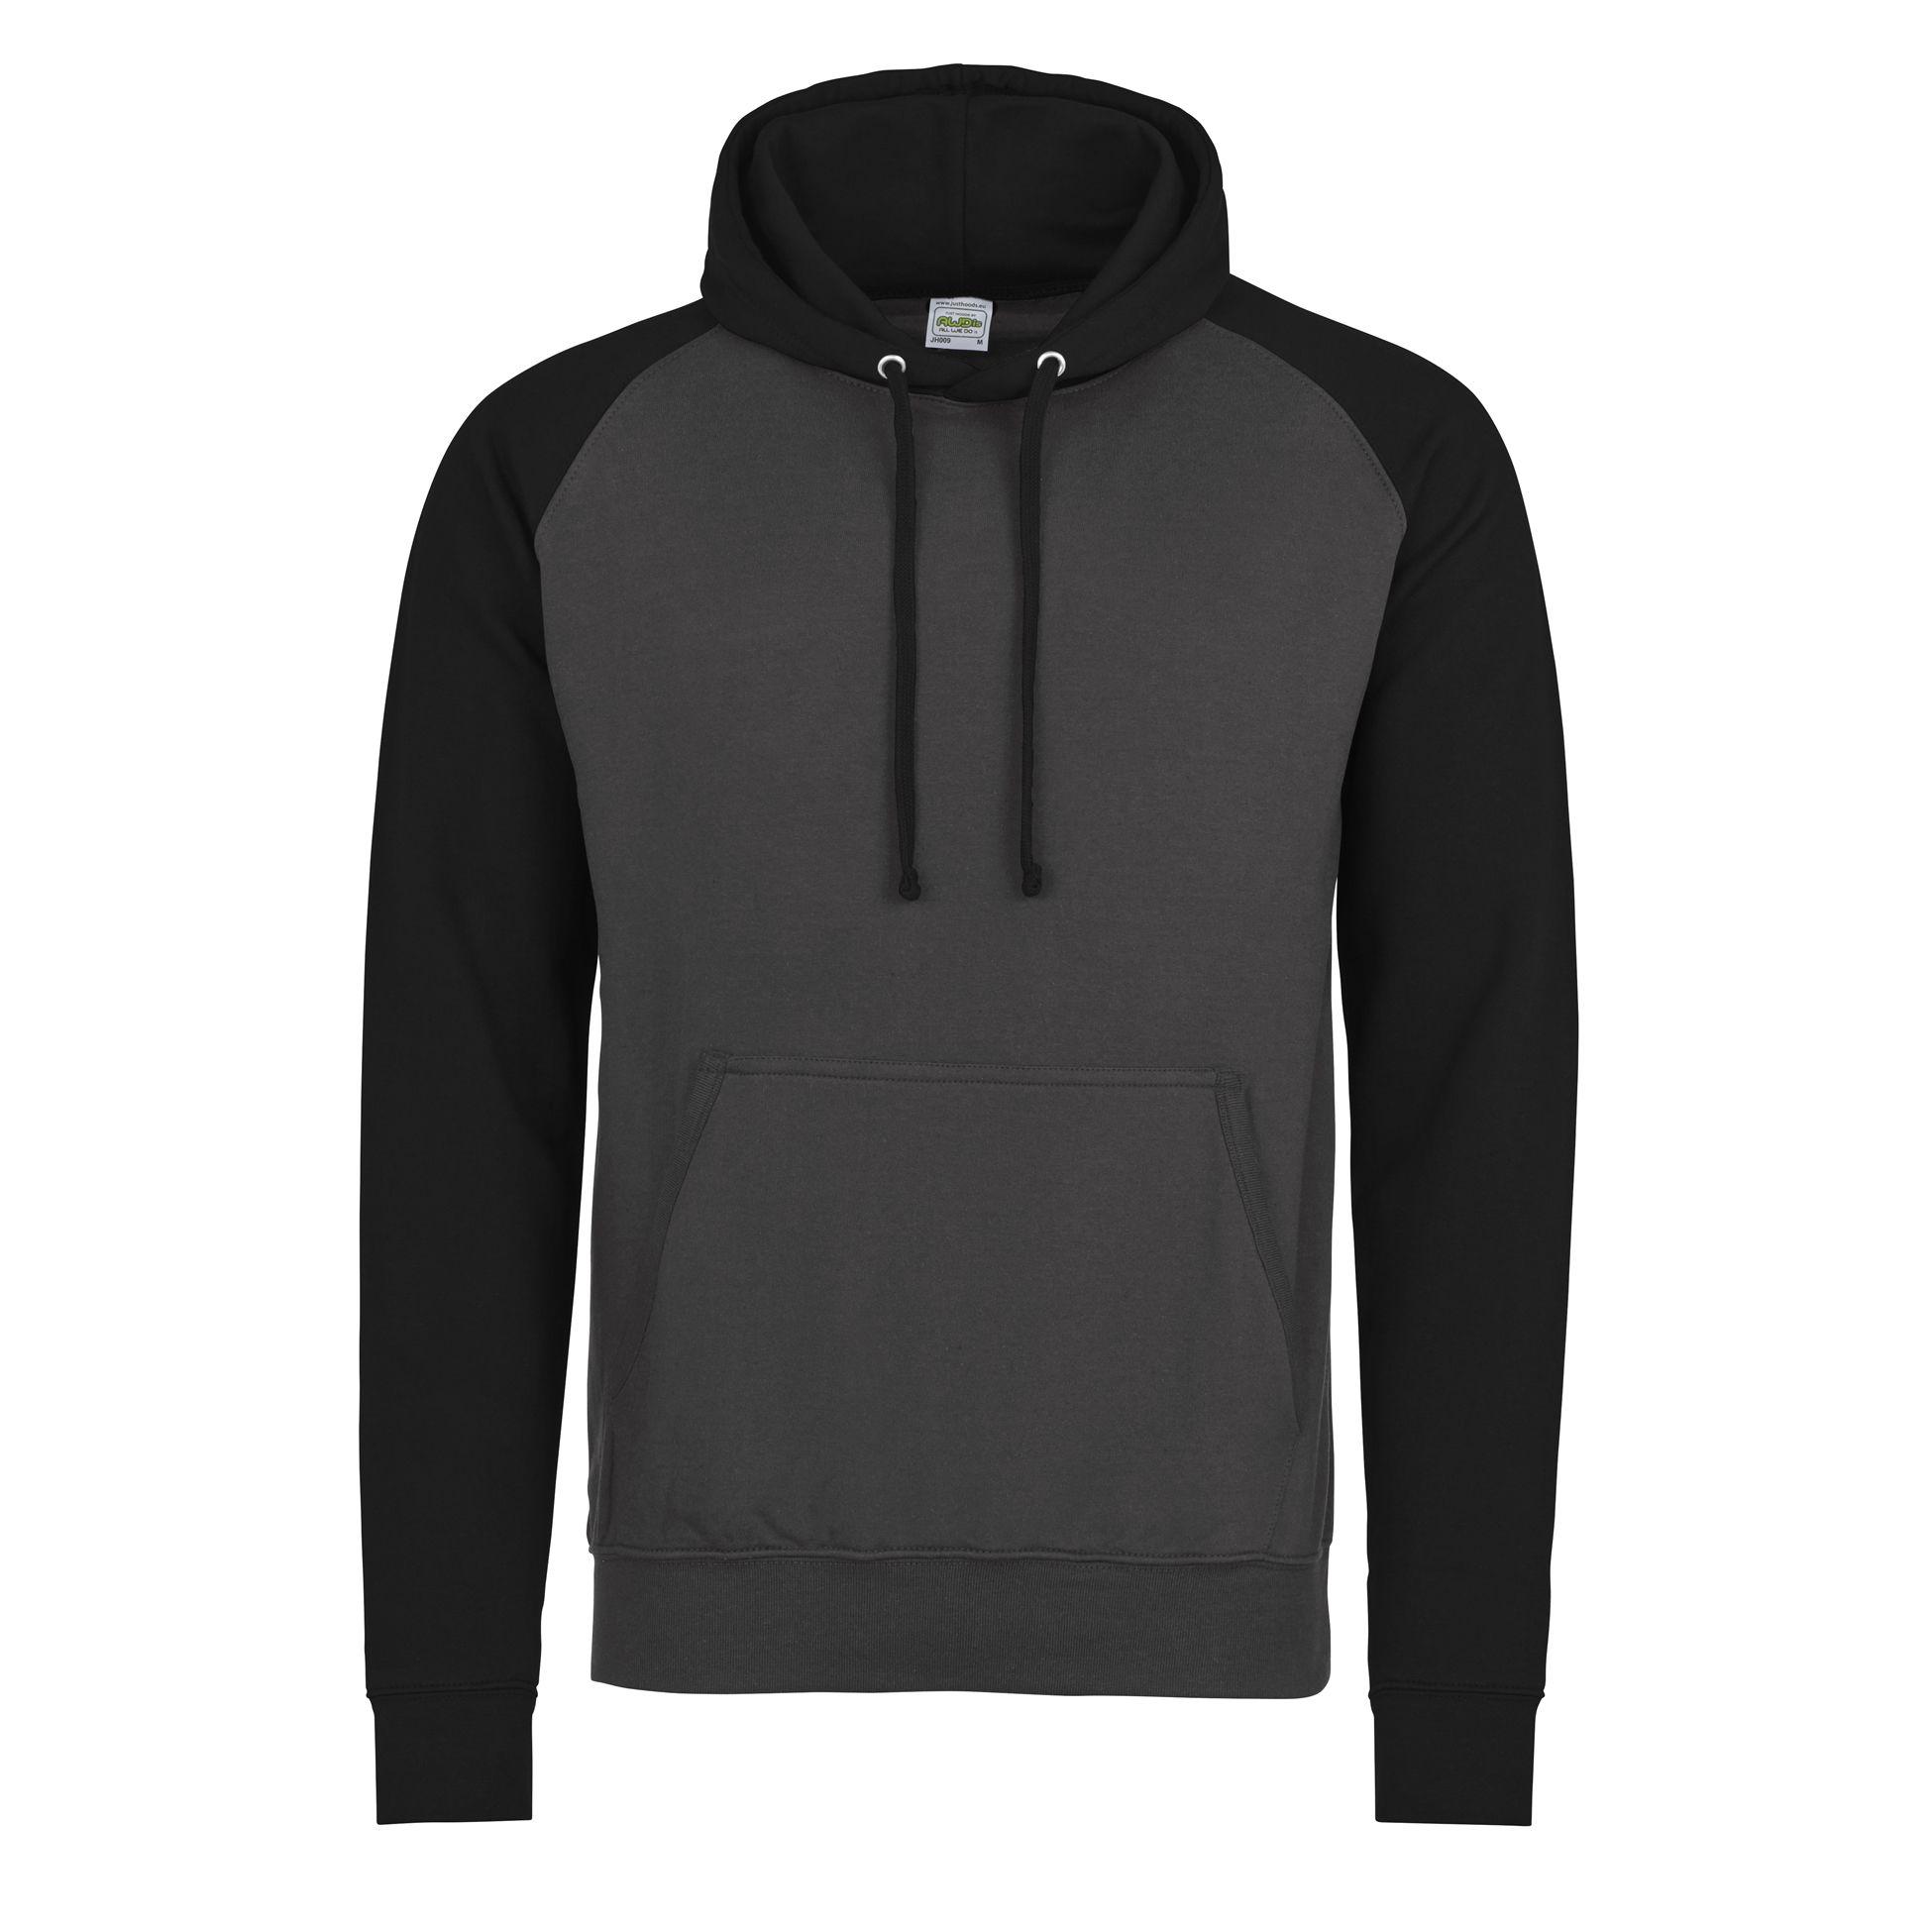 AWDis Hoods College Hoodie Jet Black Streetwear Hoodies